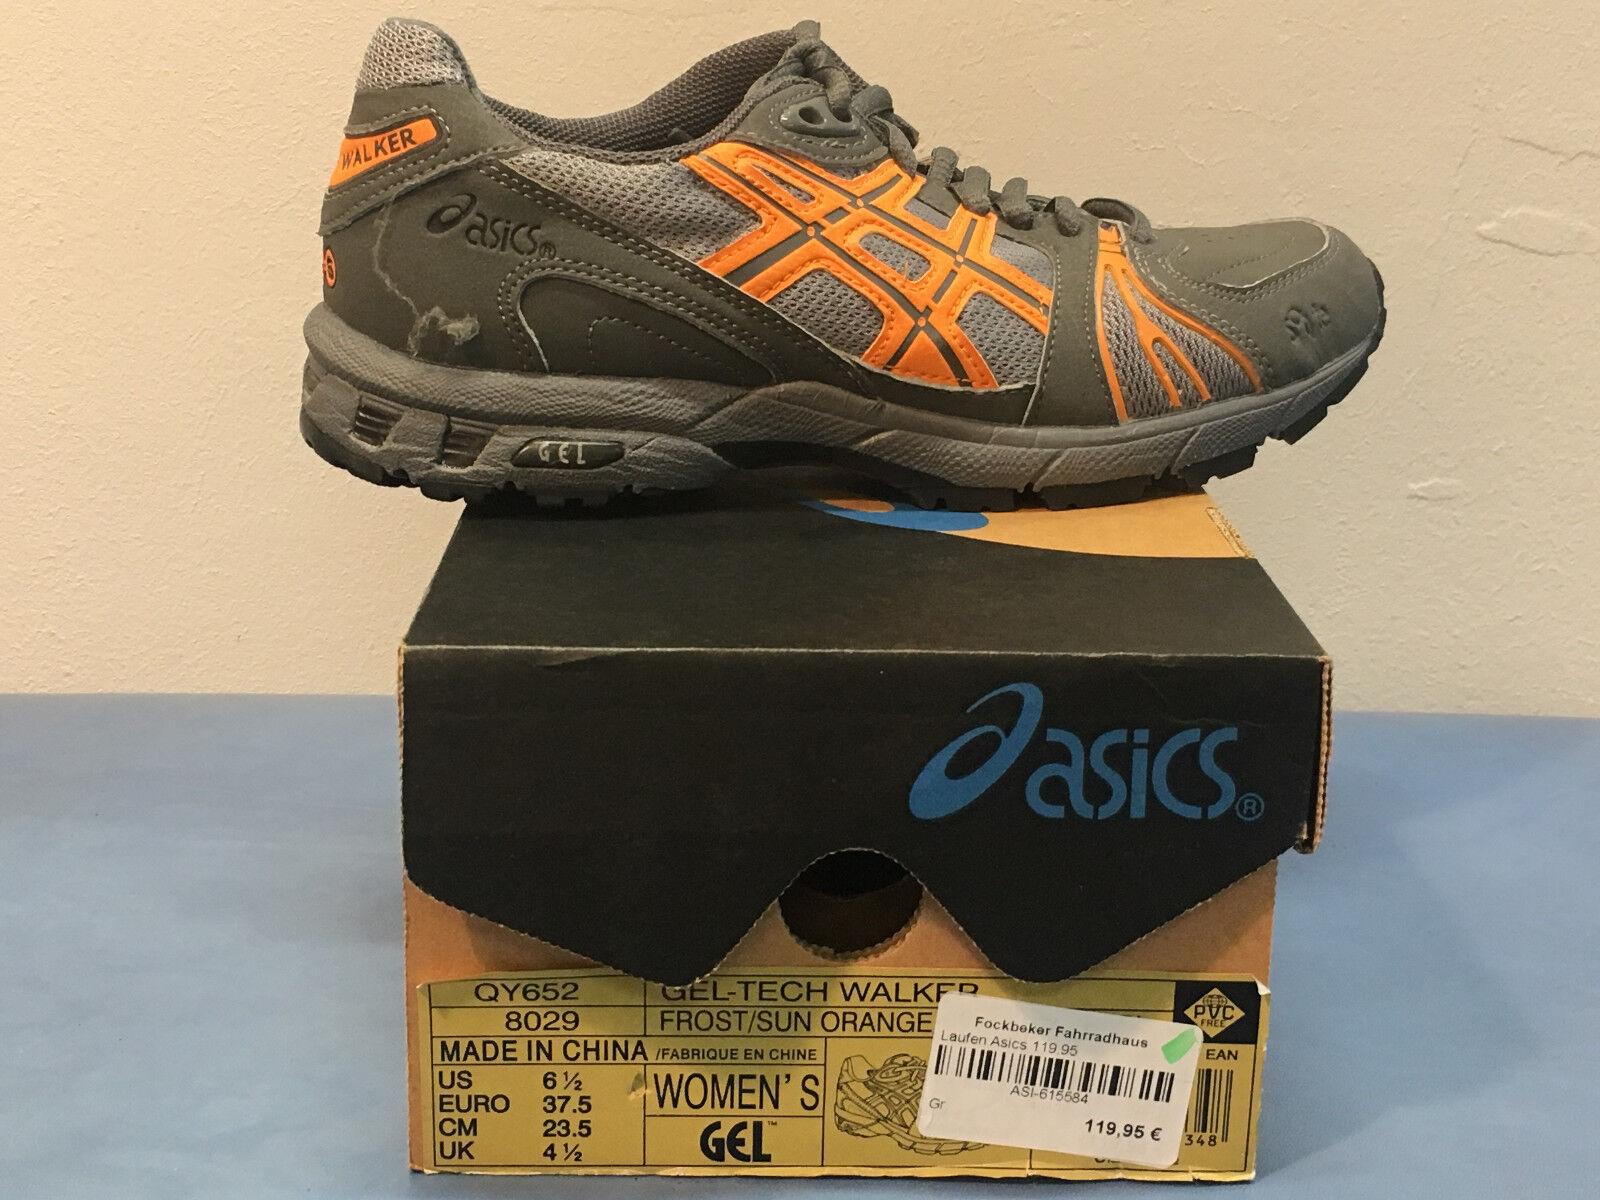 Walking Schuhe Neu Asics Gel Gel Gel - Tech Walker Damens Gr. 37,5 752a6a